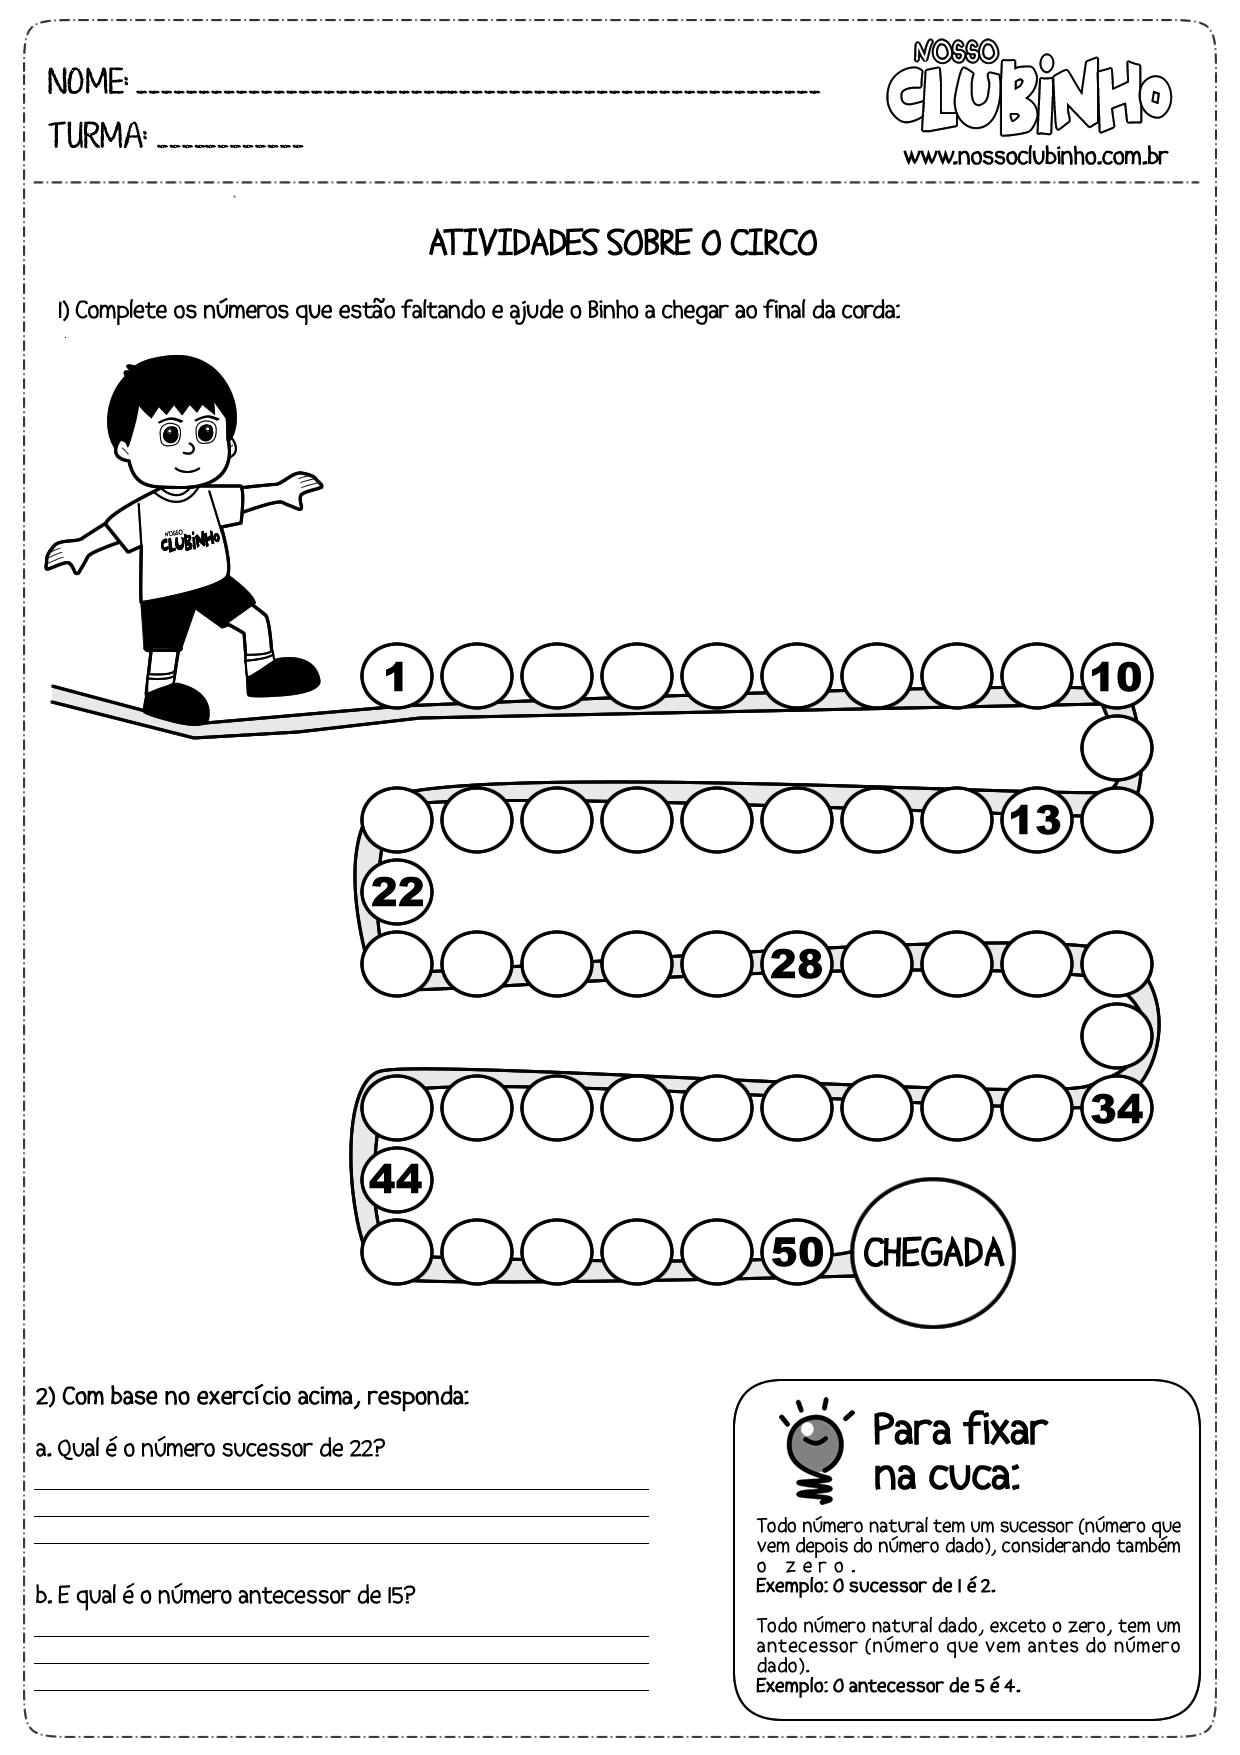 Muitas vezes Atividades de matemática: Dia do Circo - Nosso Clubinho SX33